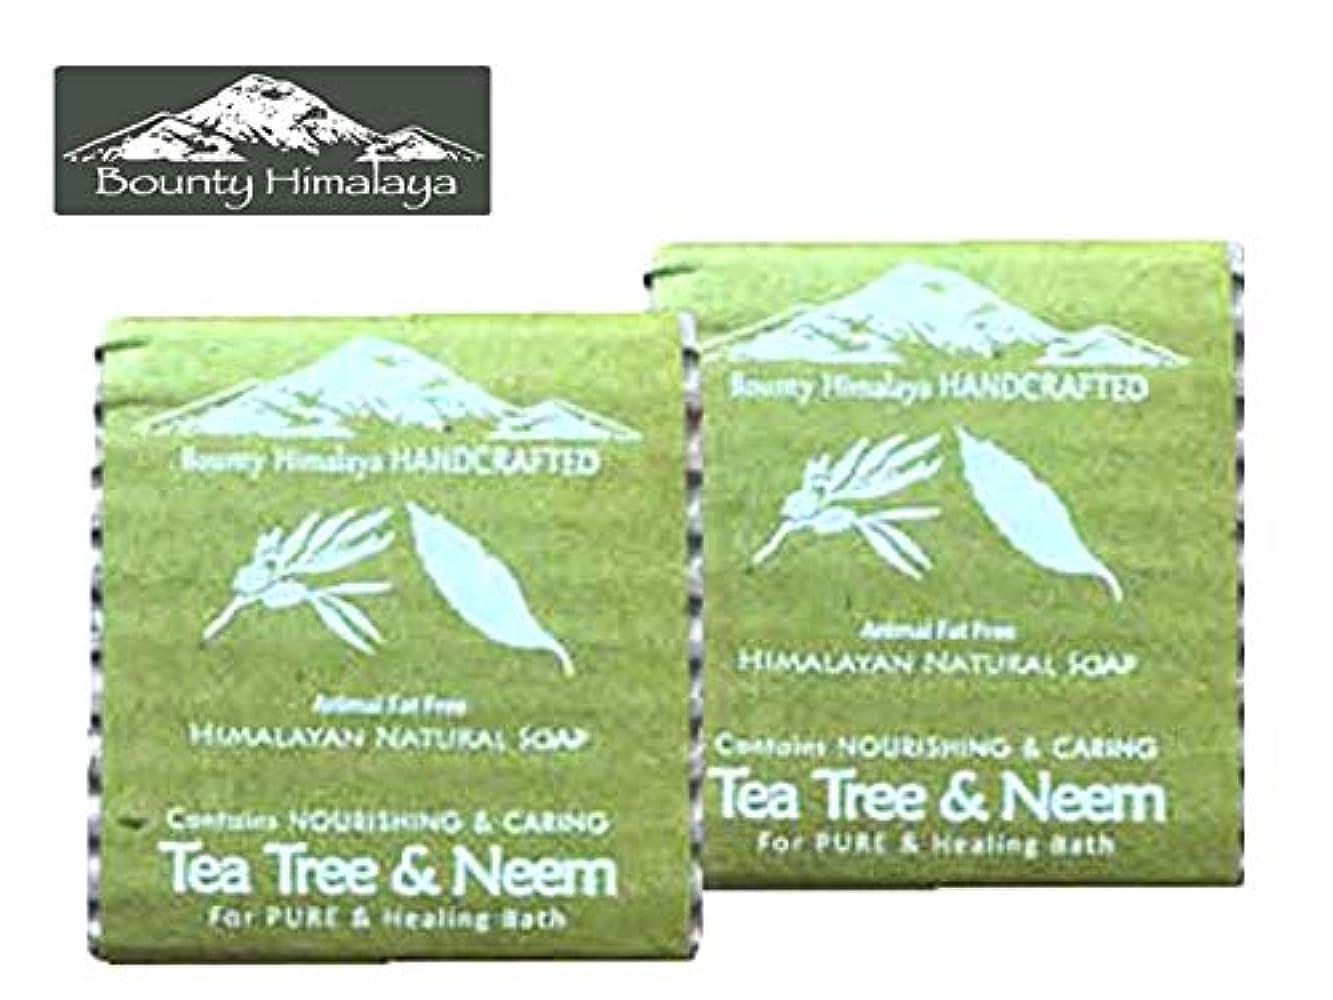 税金問題ウガンダアーユルヴェーダ ヒマラヤ ティーツリー?ニーム ソープ2セット Bounty Himalaya Tea Tree & Neem SOAP(NEPAL AYURVEDA) 100g